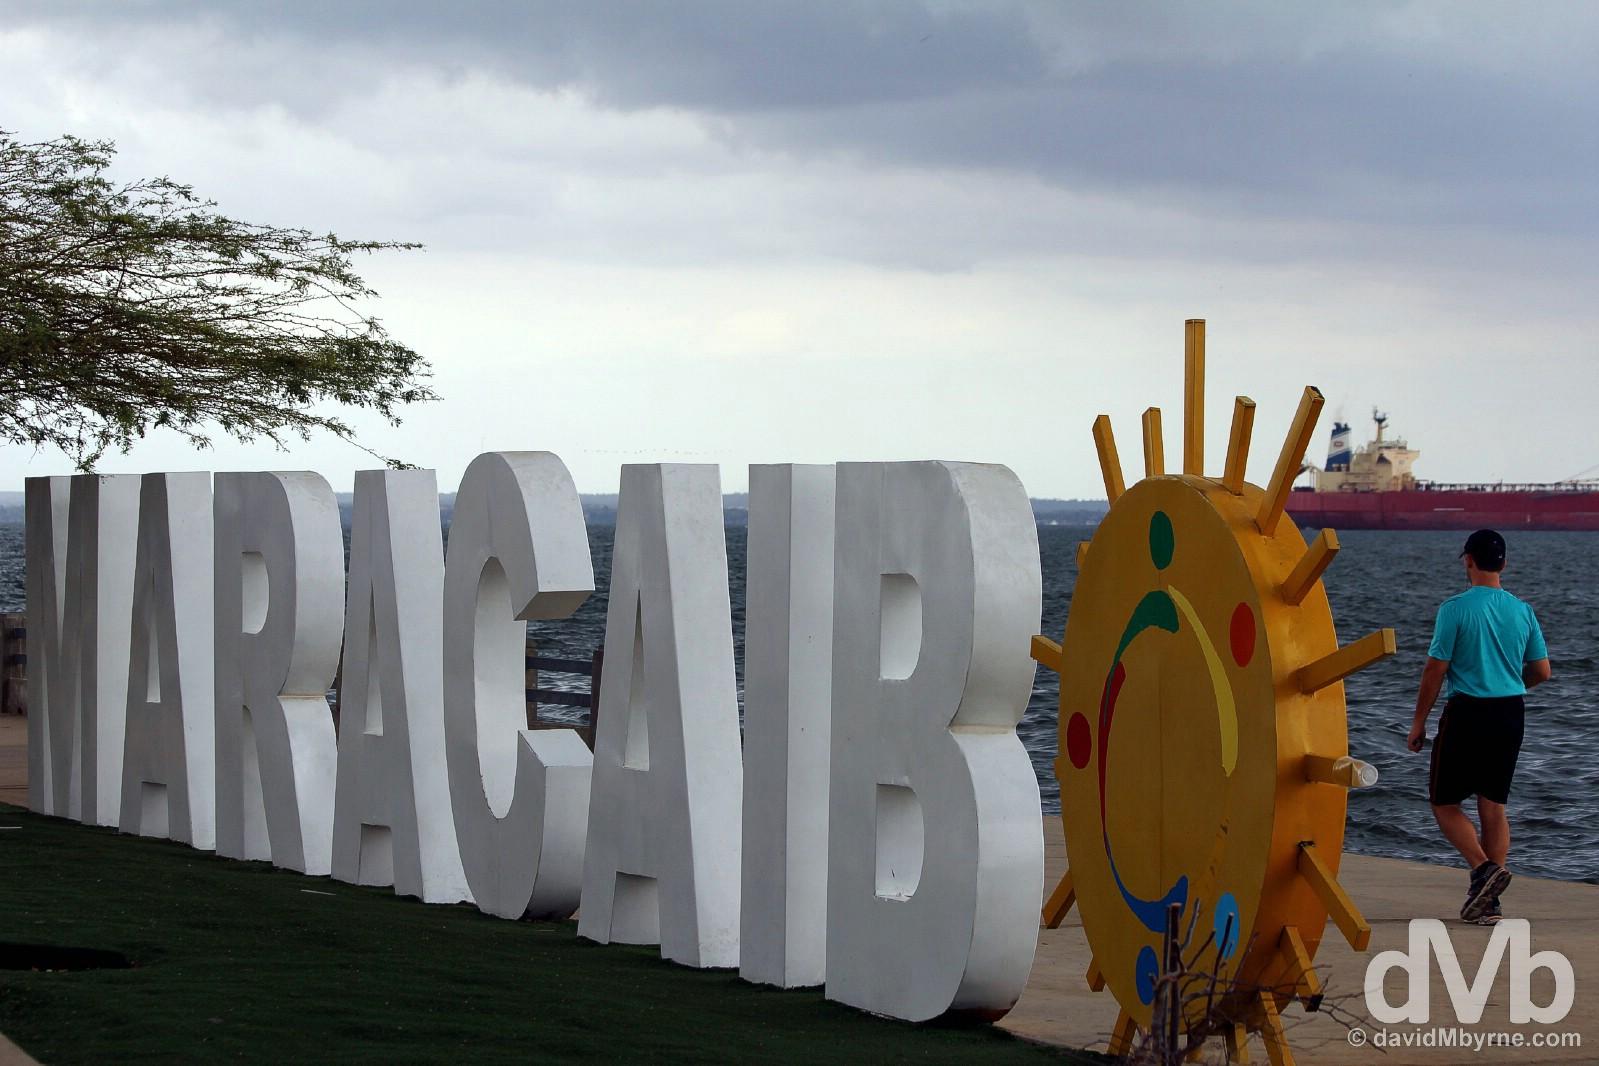 Vereda del Lago, Maracaibo, Venezuela. June 22, 2015.